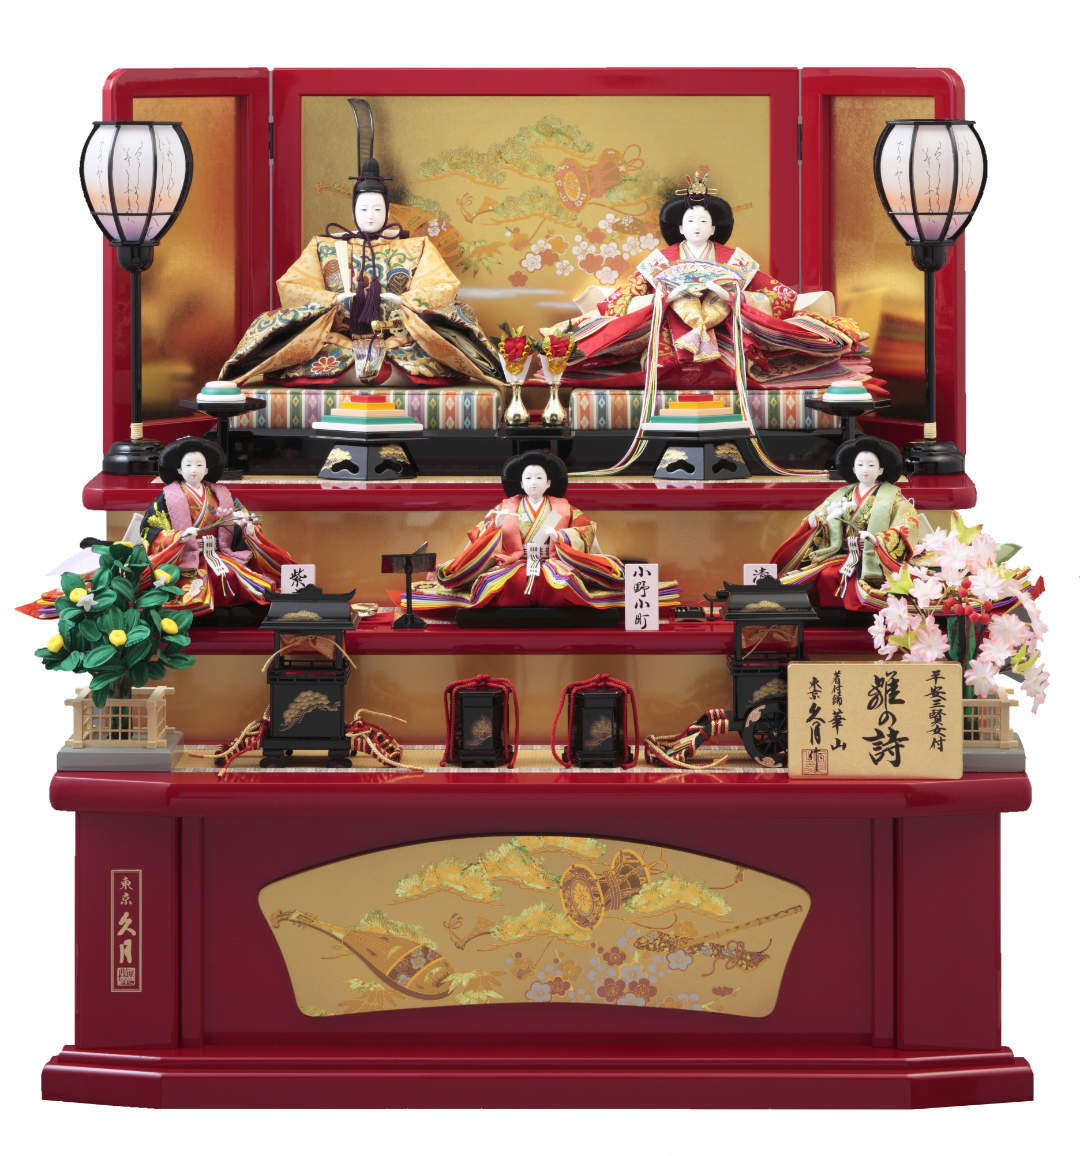 雛人形 久月 三段 木製 ひな人形 雛の詩 送料無料※ 出飾り 五人飾り 5811 300142 S3016 木製